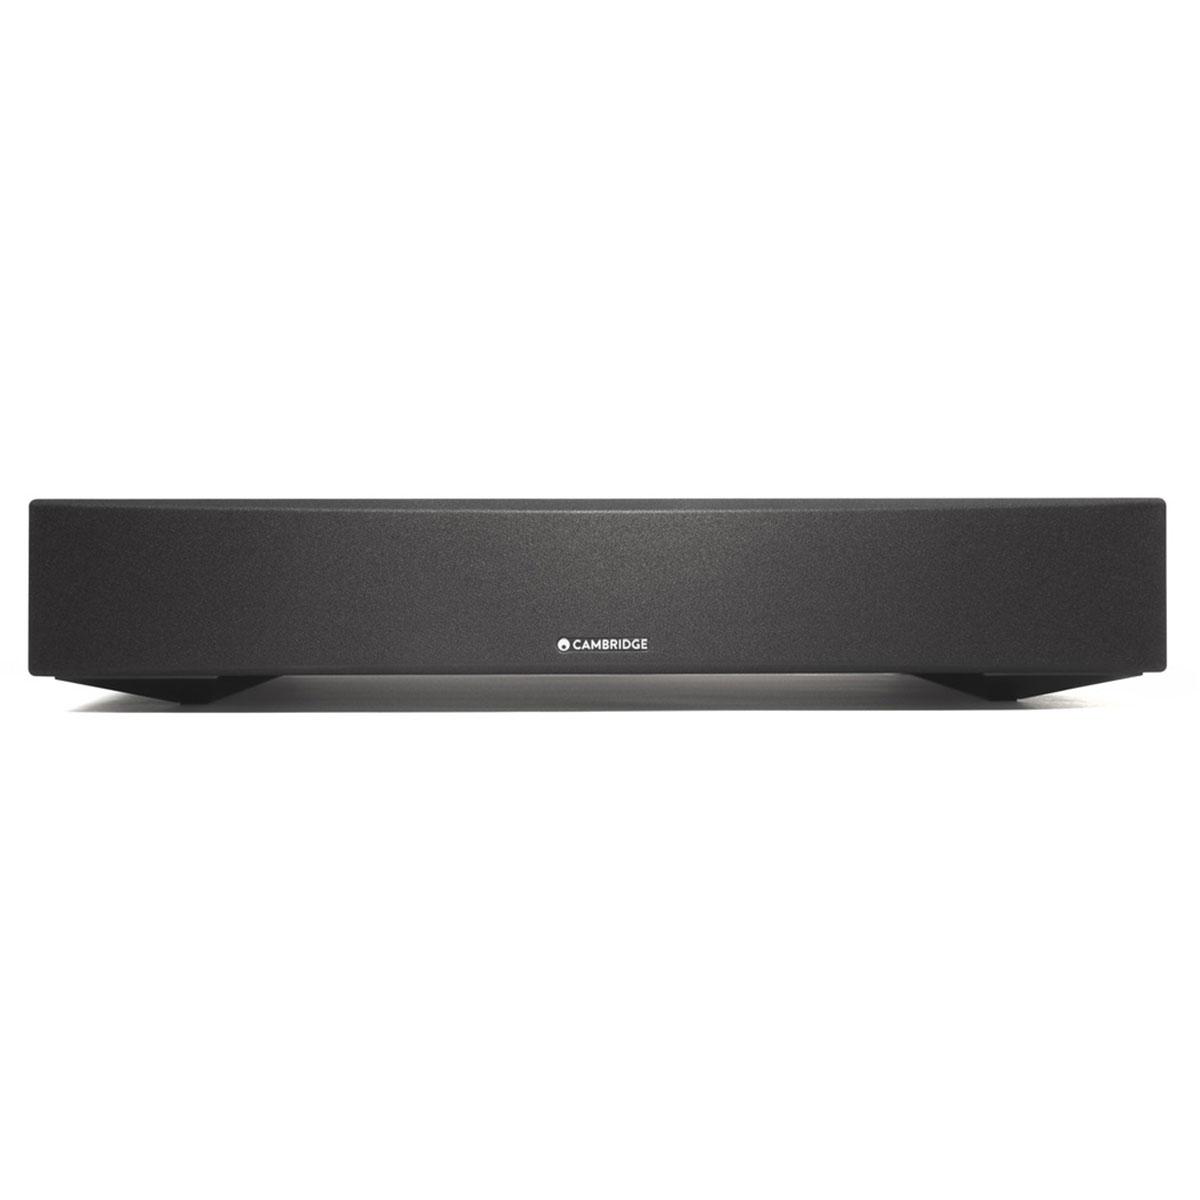 Barre de son Cambridge Audio TV2 (V2) Barre de son 2.1 avec avec caisson de basses intégré, Bluetooth et HDMI